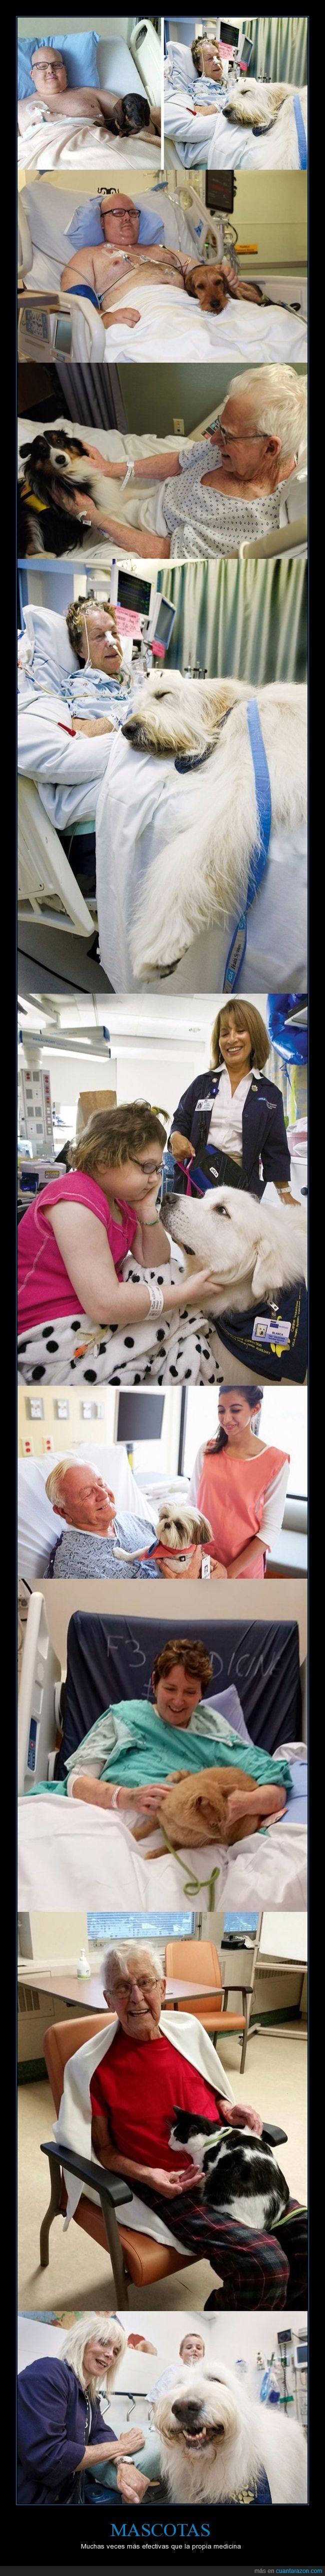 hospital,mascotas